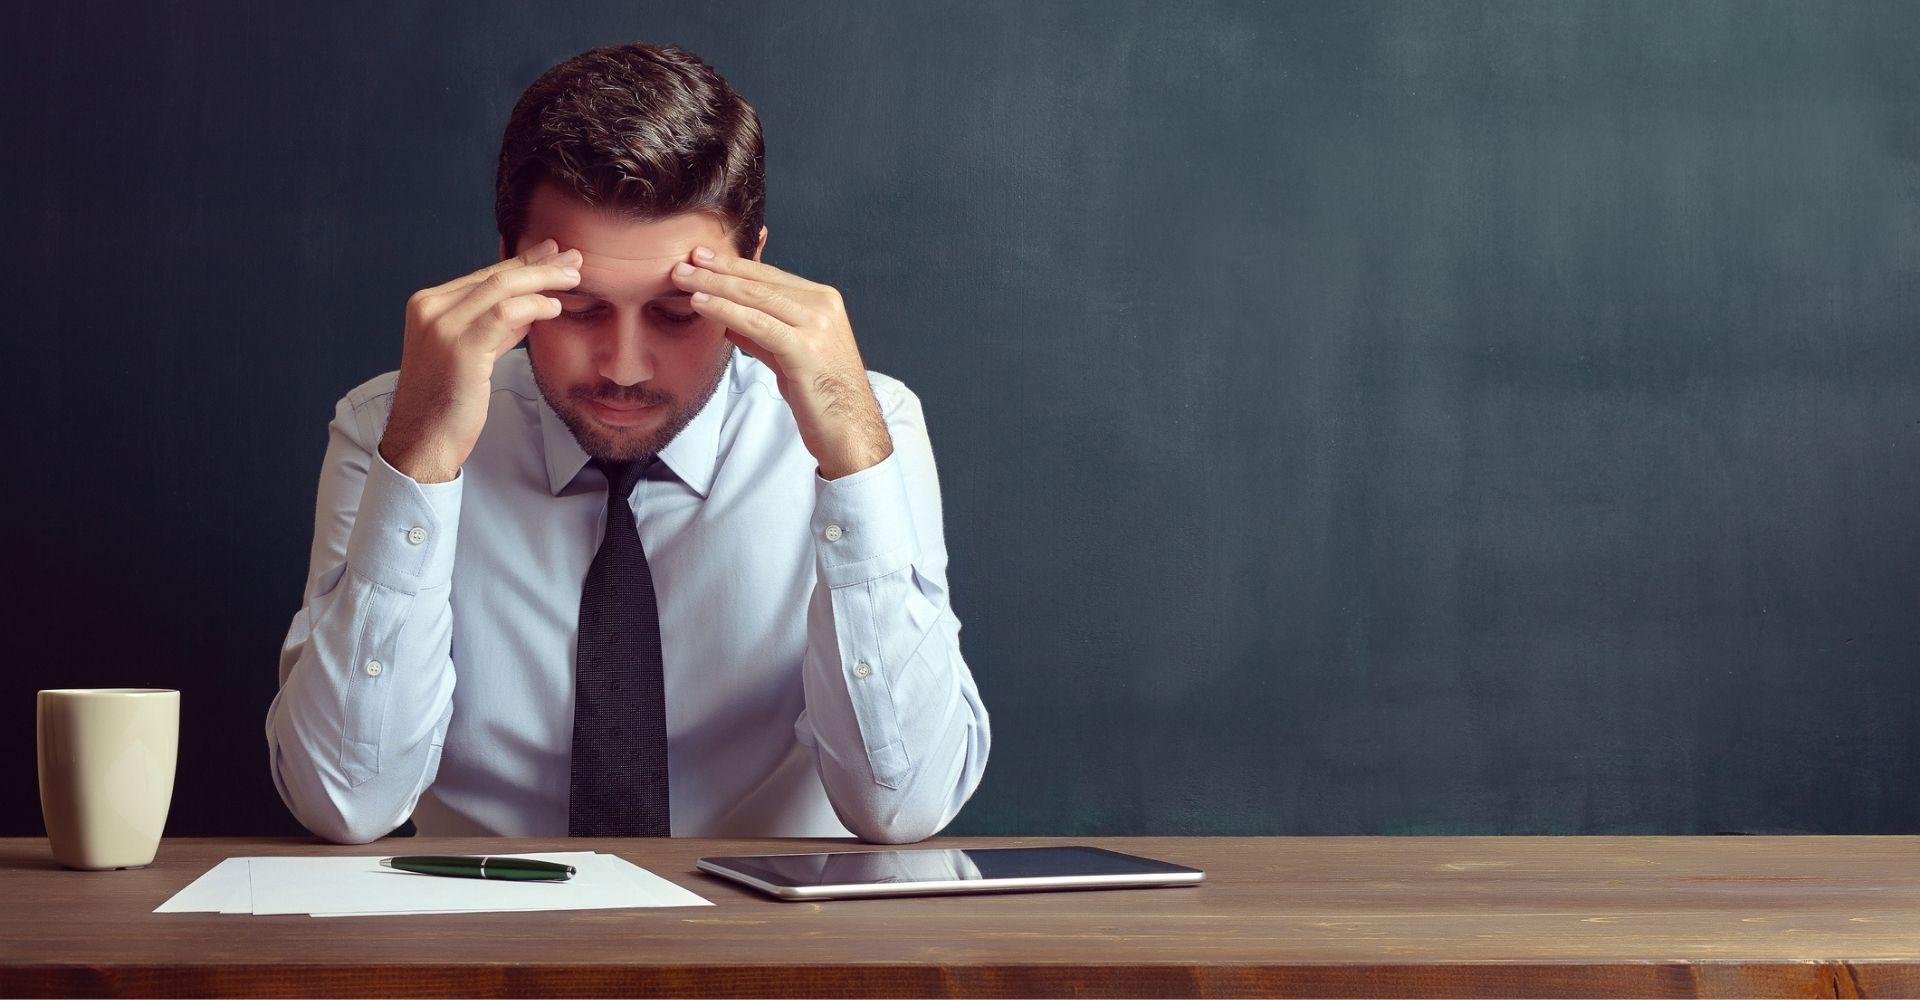 Nuovi libri per affrontare situazioni difficili nel mondo del lavoro